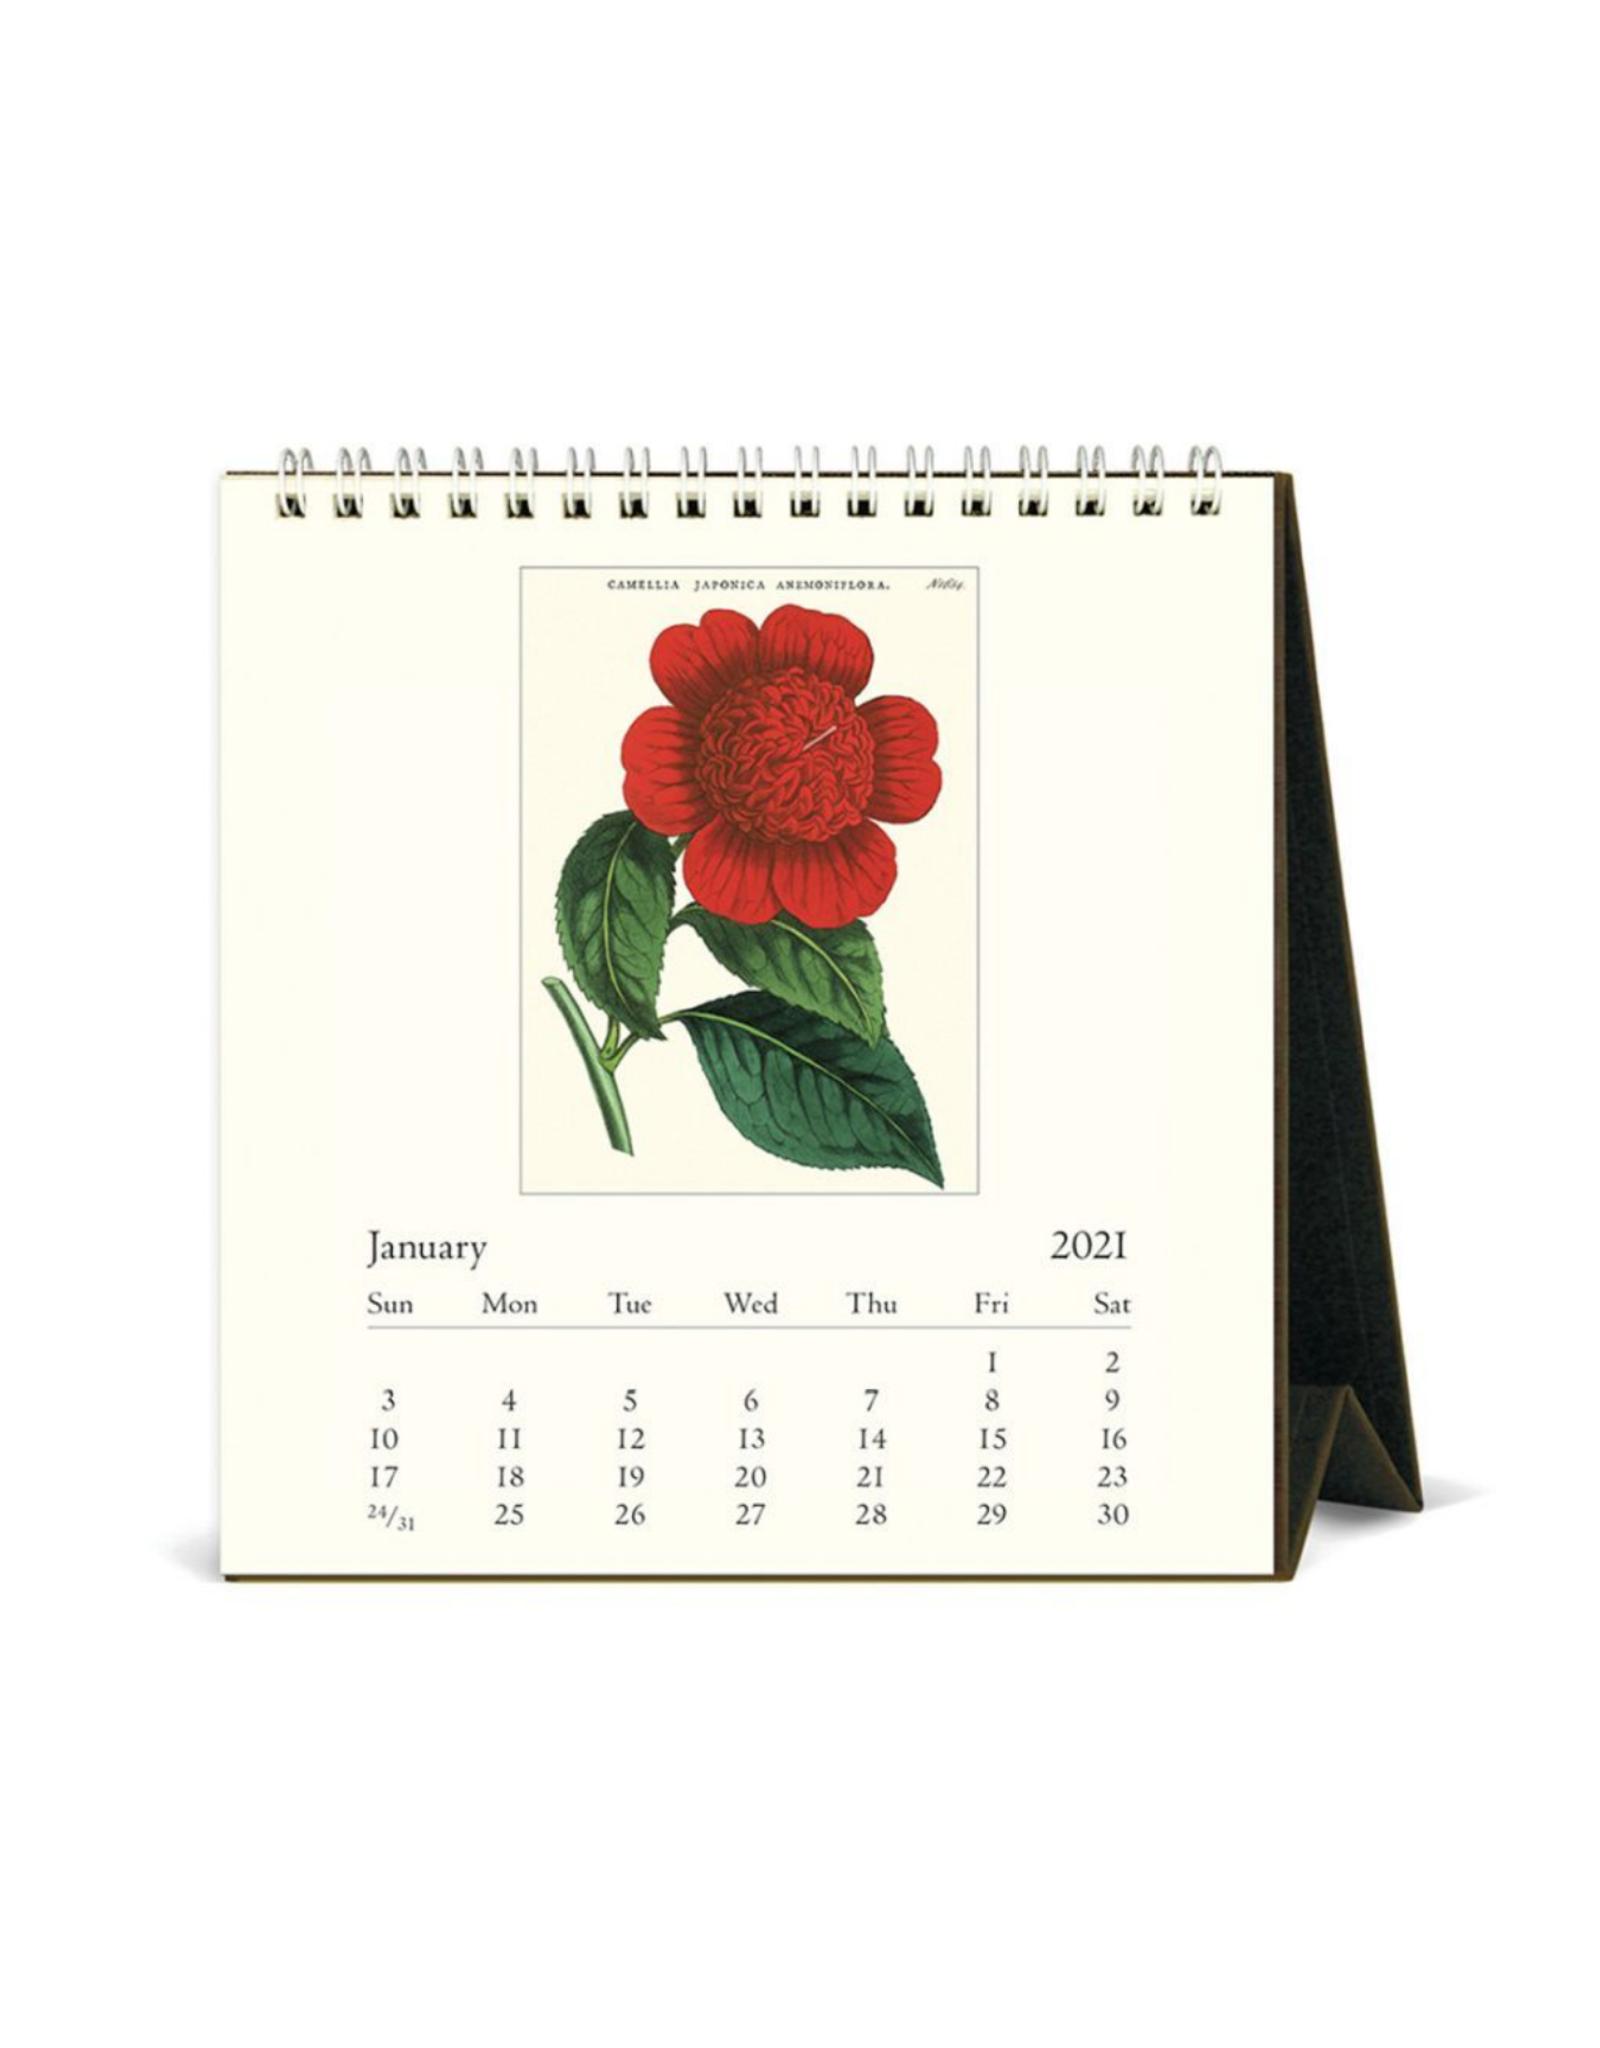 2021 Desk Calendar: Botanica